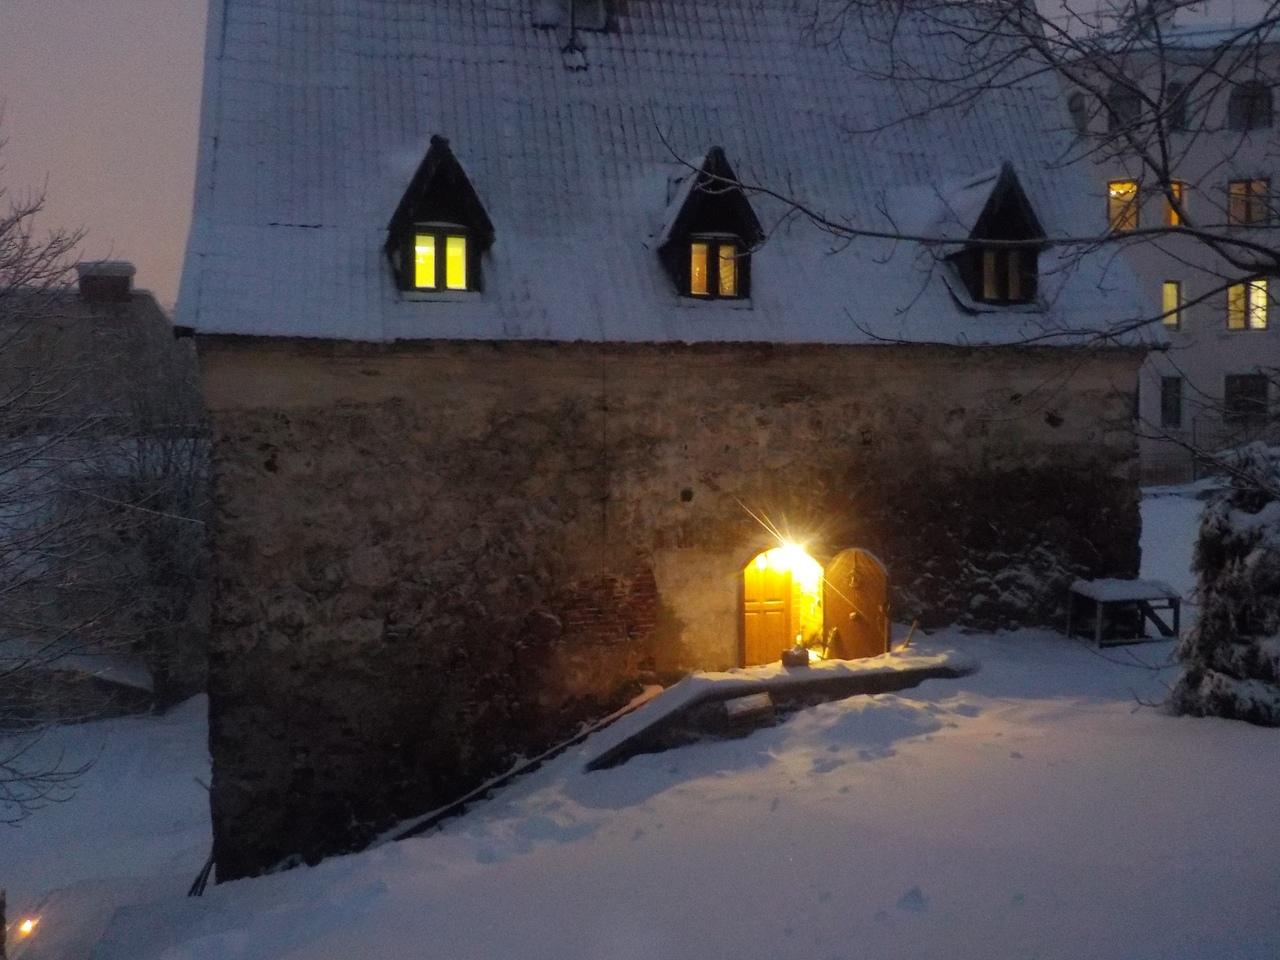 Шведская средневековая архитектура в городе Выборге